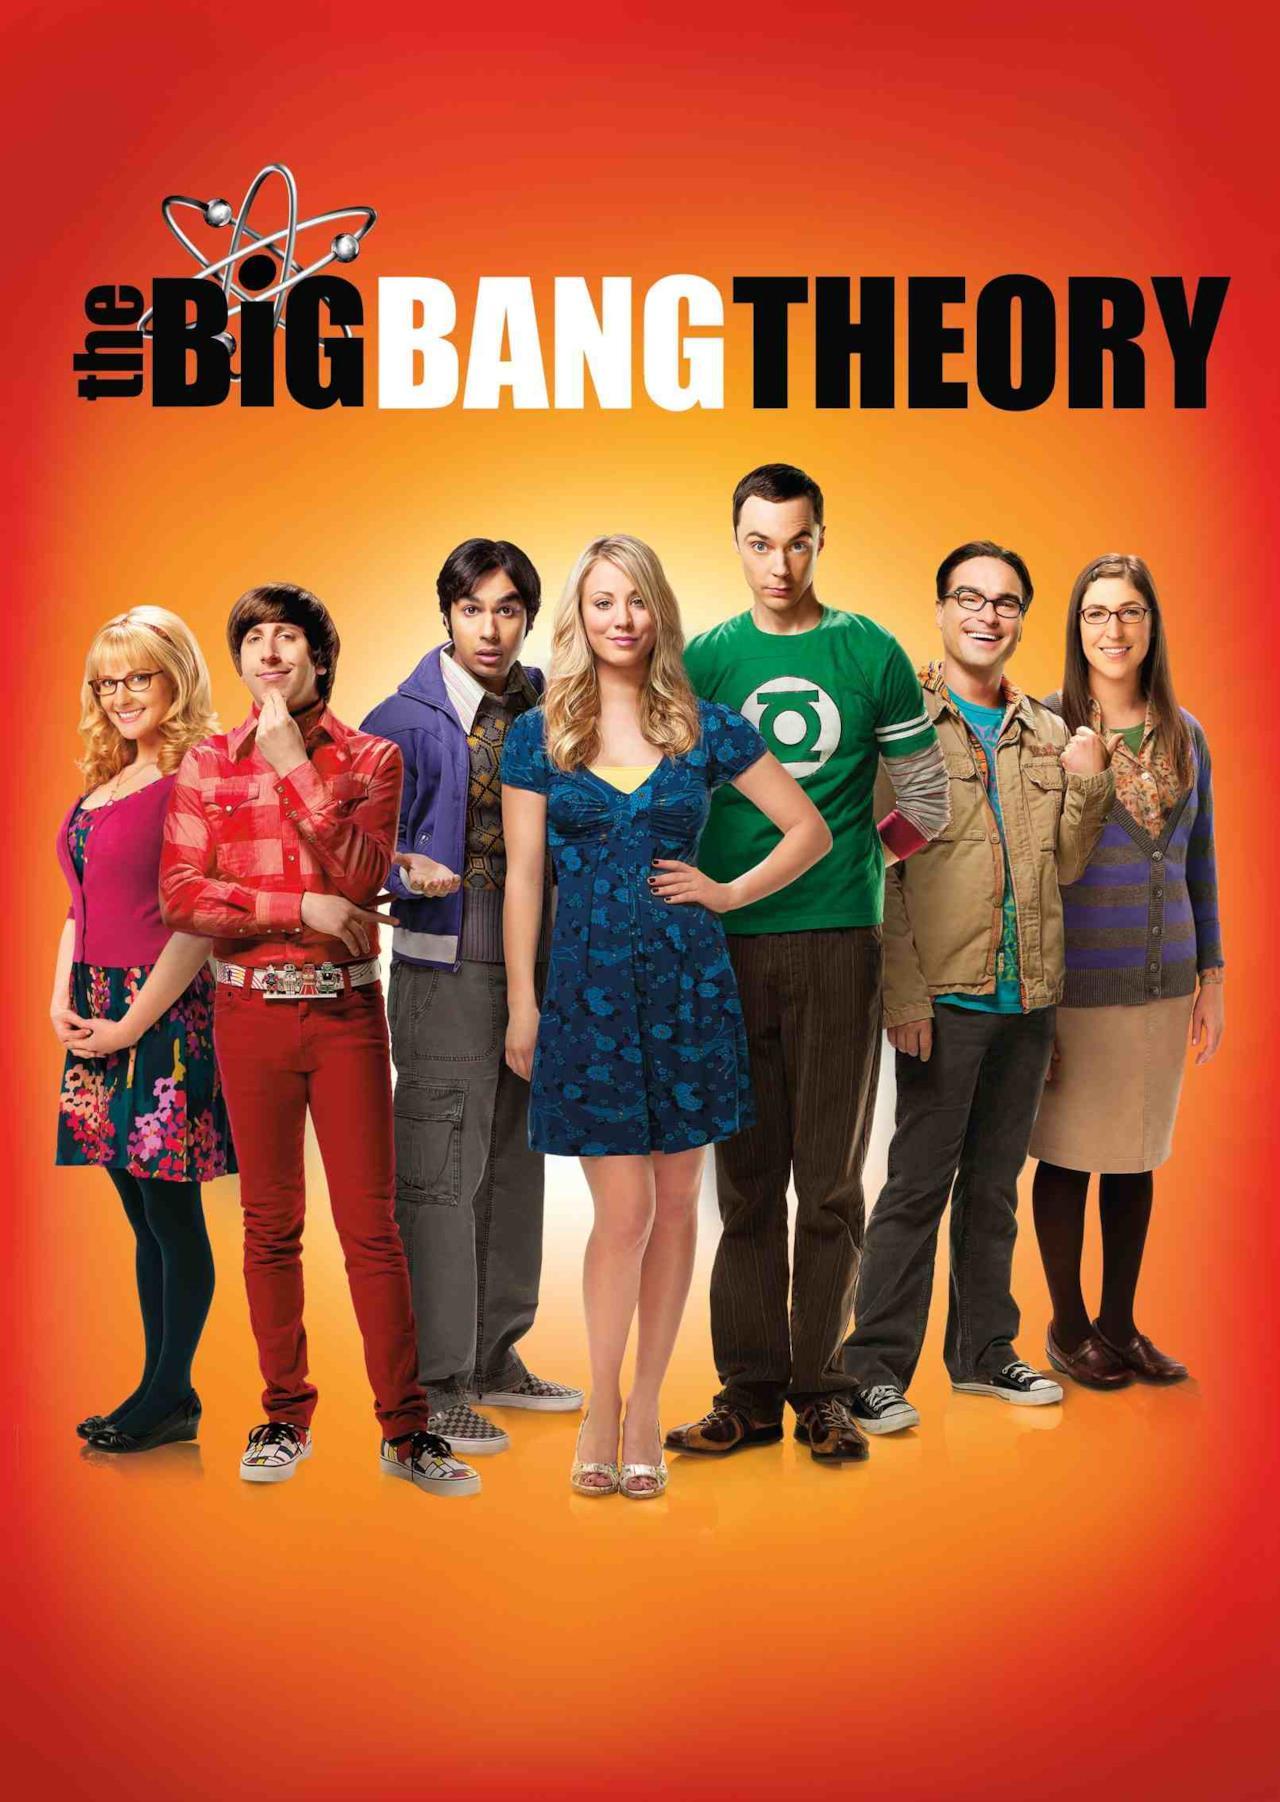 The Big Bang Theory  Wikipedia